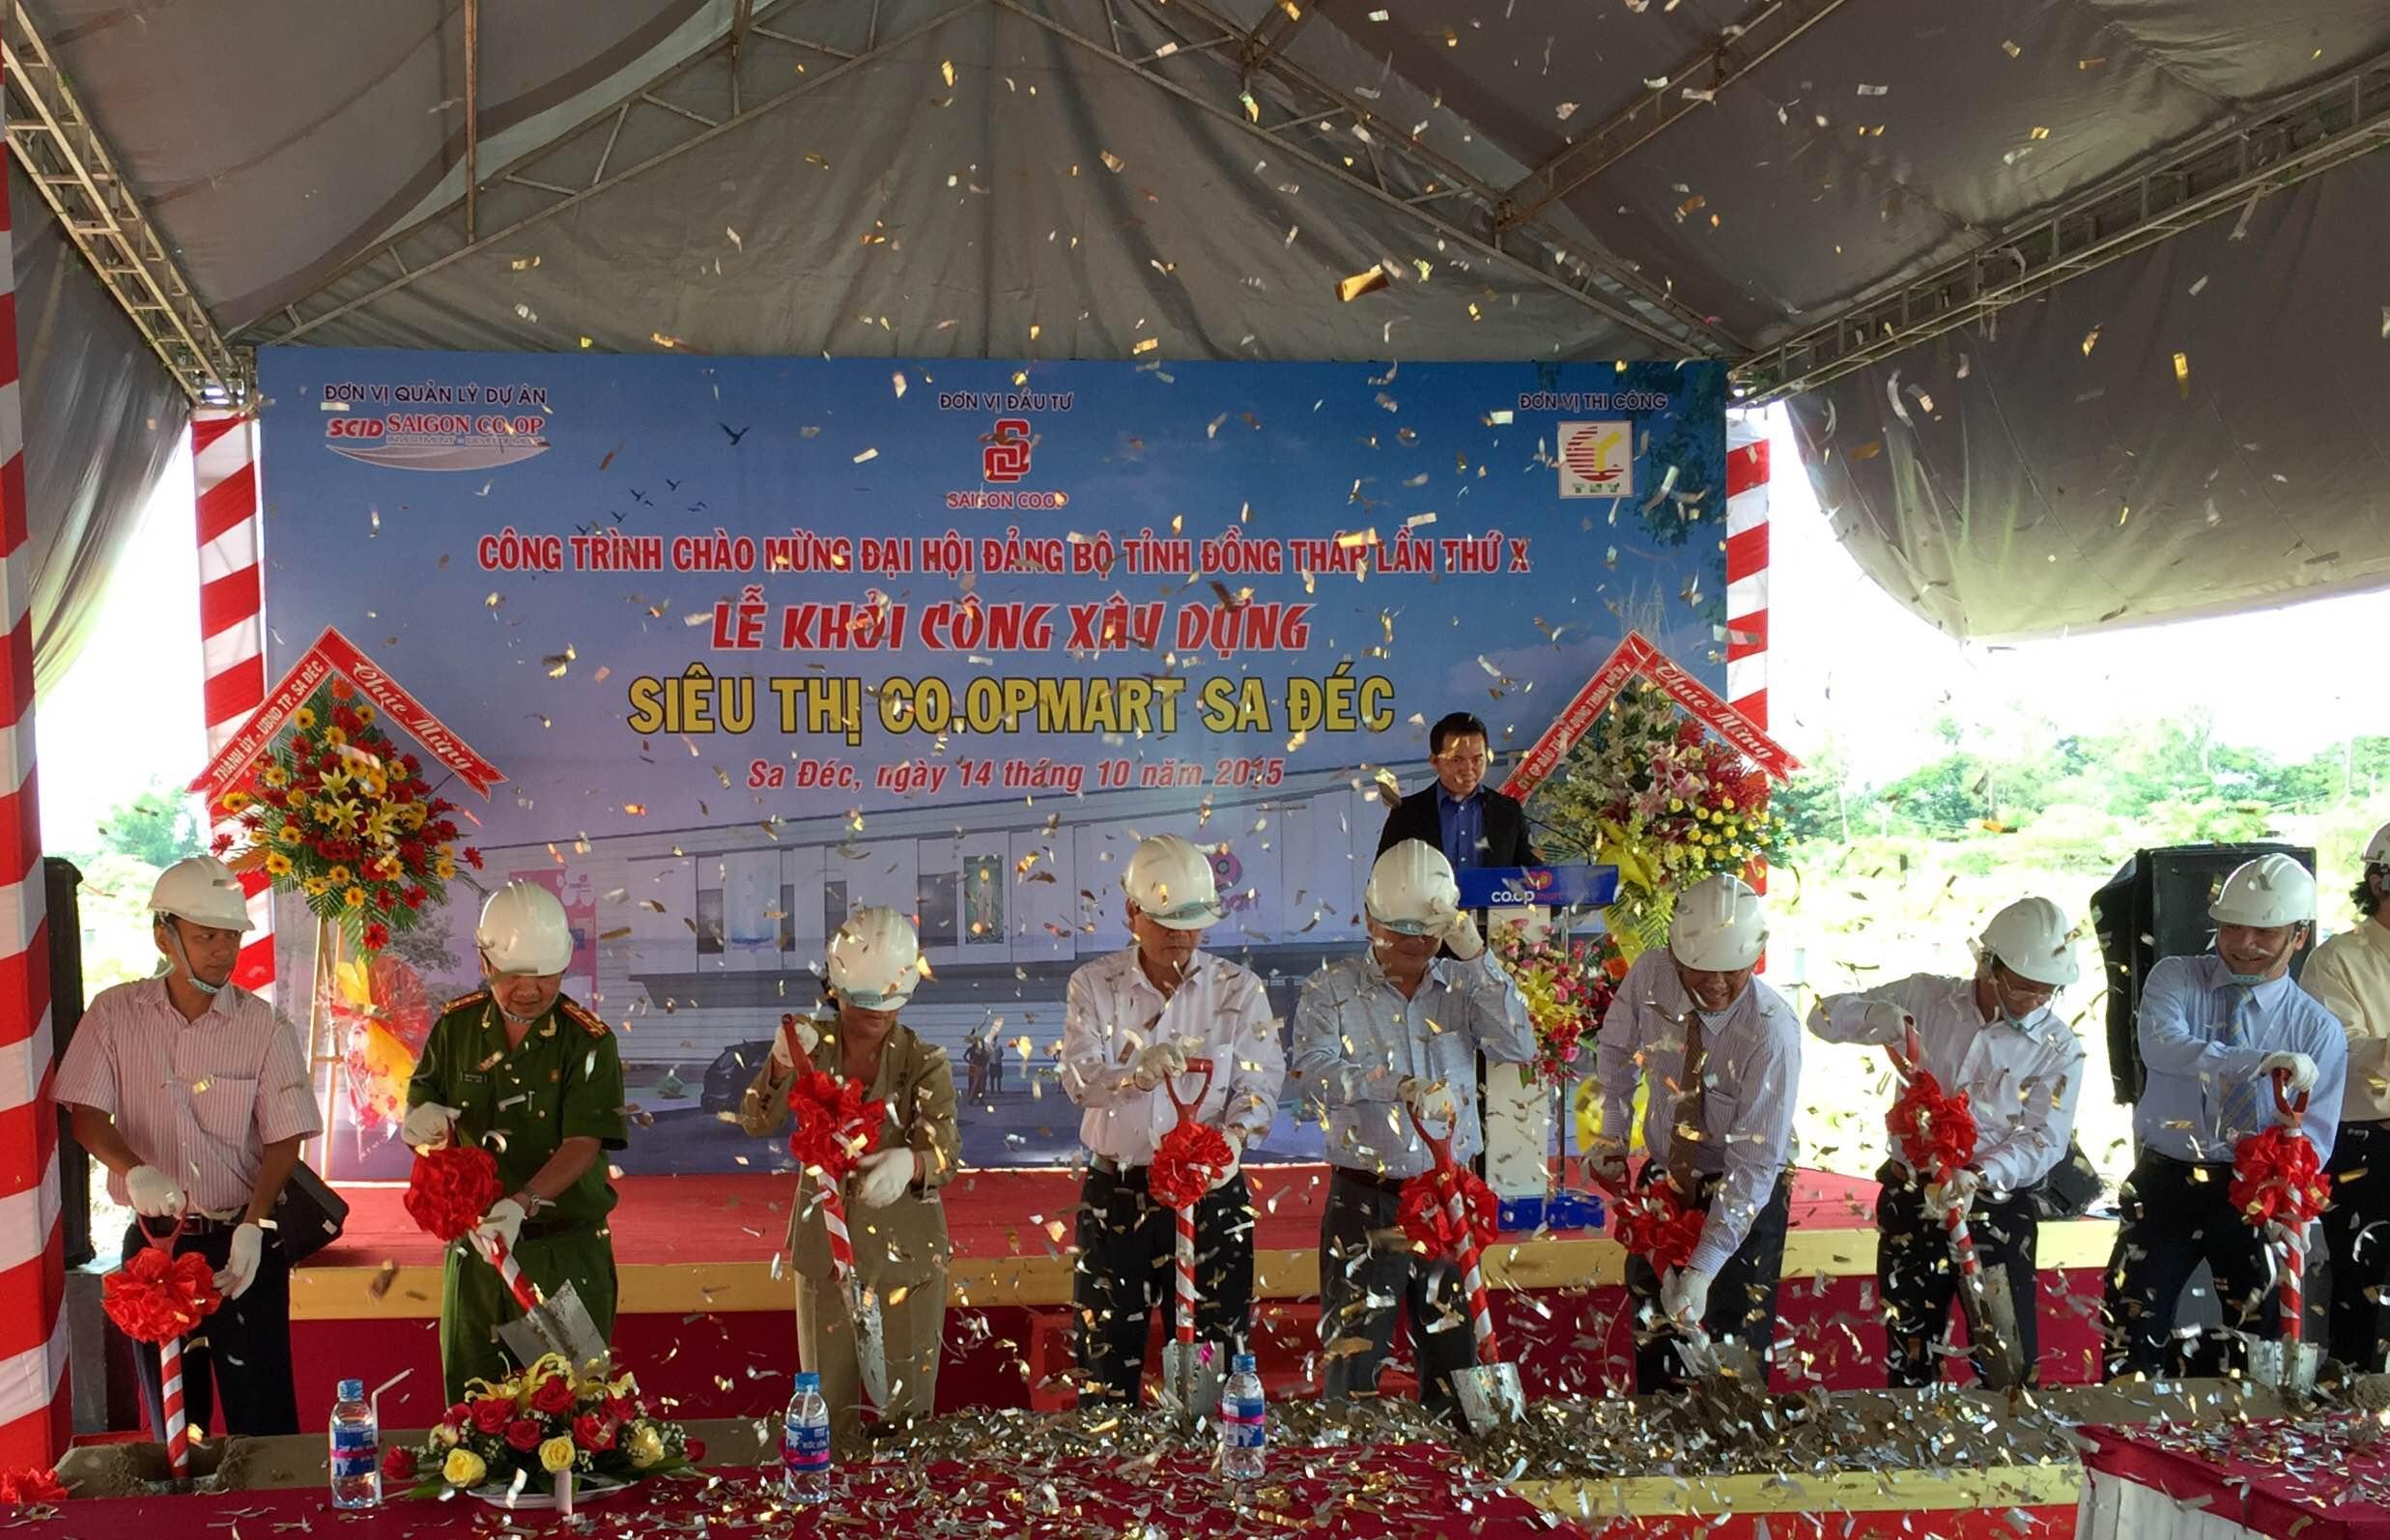 Saigon Co.op khởi công xây dựng siêu thị Co.opmart Sa Đéc - ảnh 1